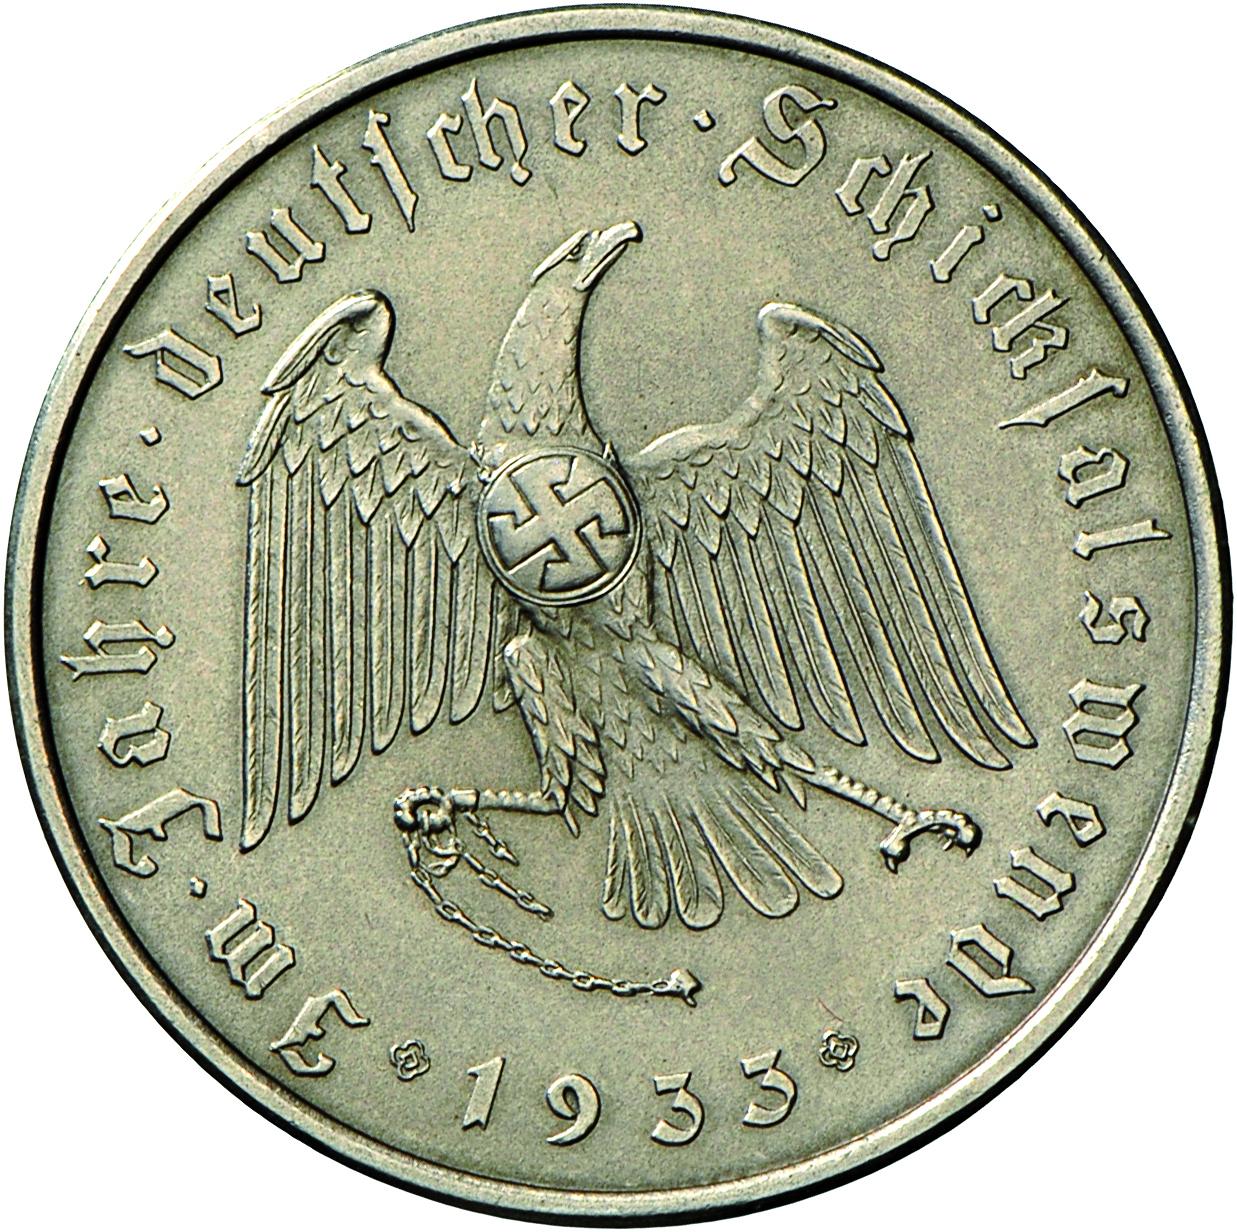 Lot 4576 - Medaillen Deutschland | Münzen  -  Auktionshaus Christoph Gärtner GmbH & Co. KG Banknotes & Coins Auction #39 Day 2